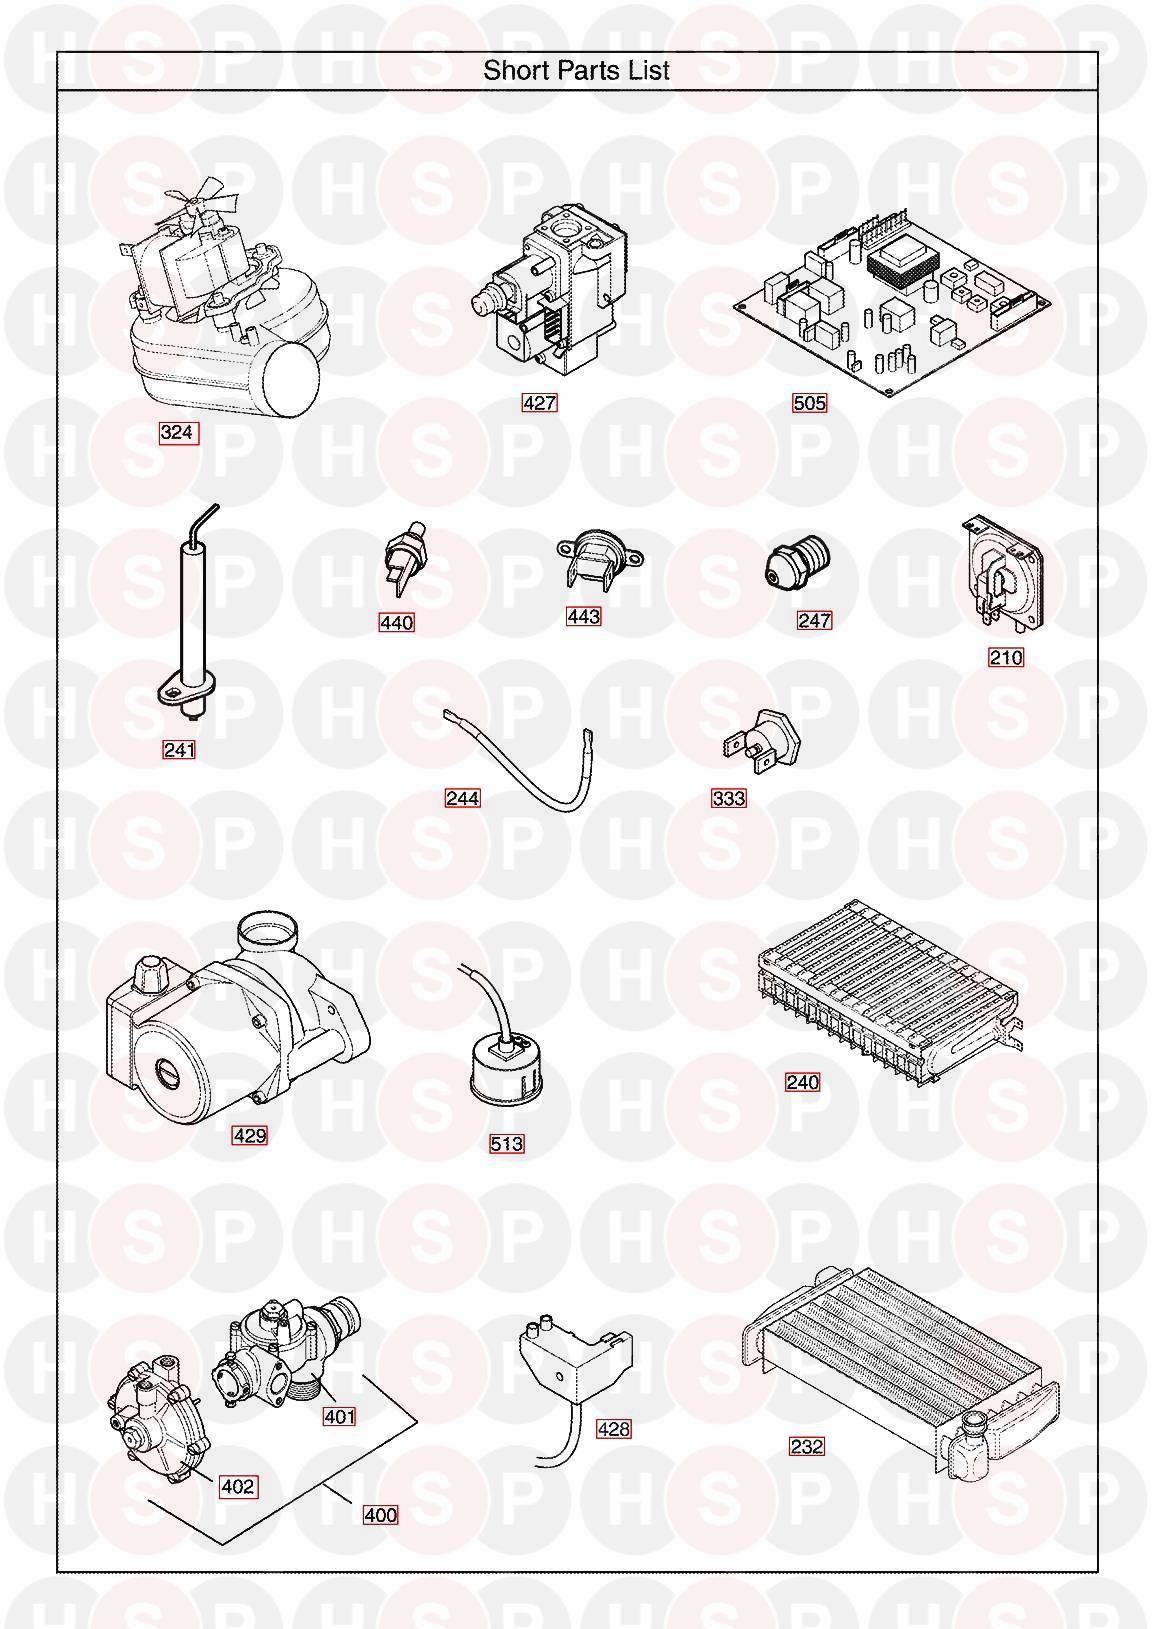 baxi combi 105he appliance diagram  short parts list